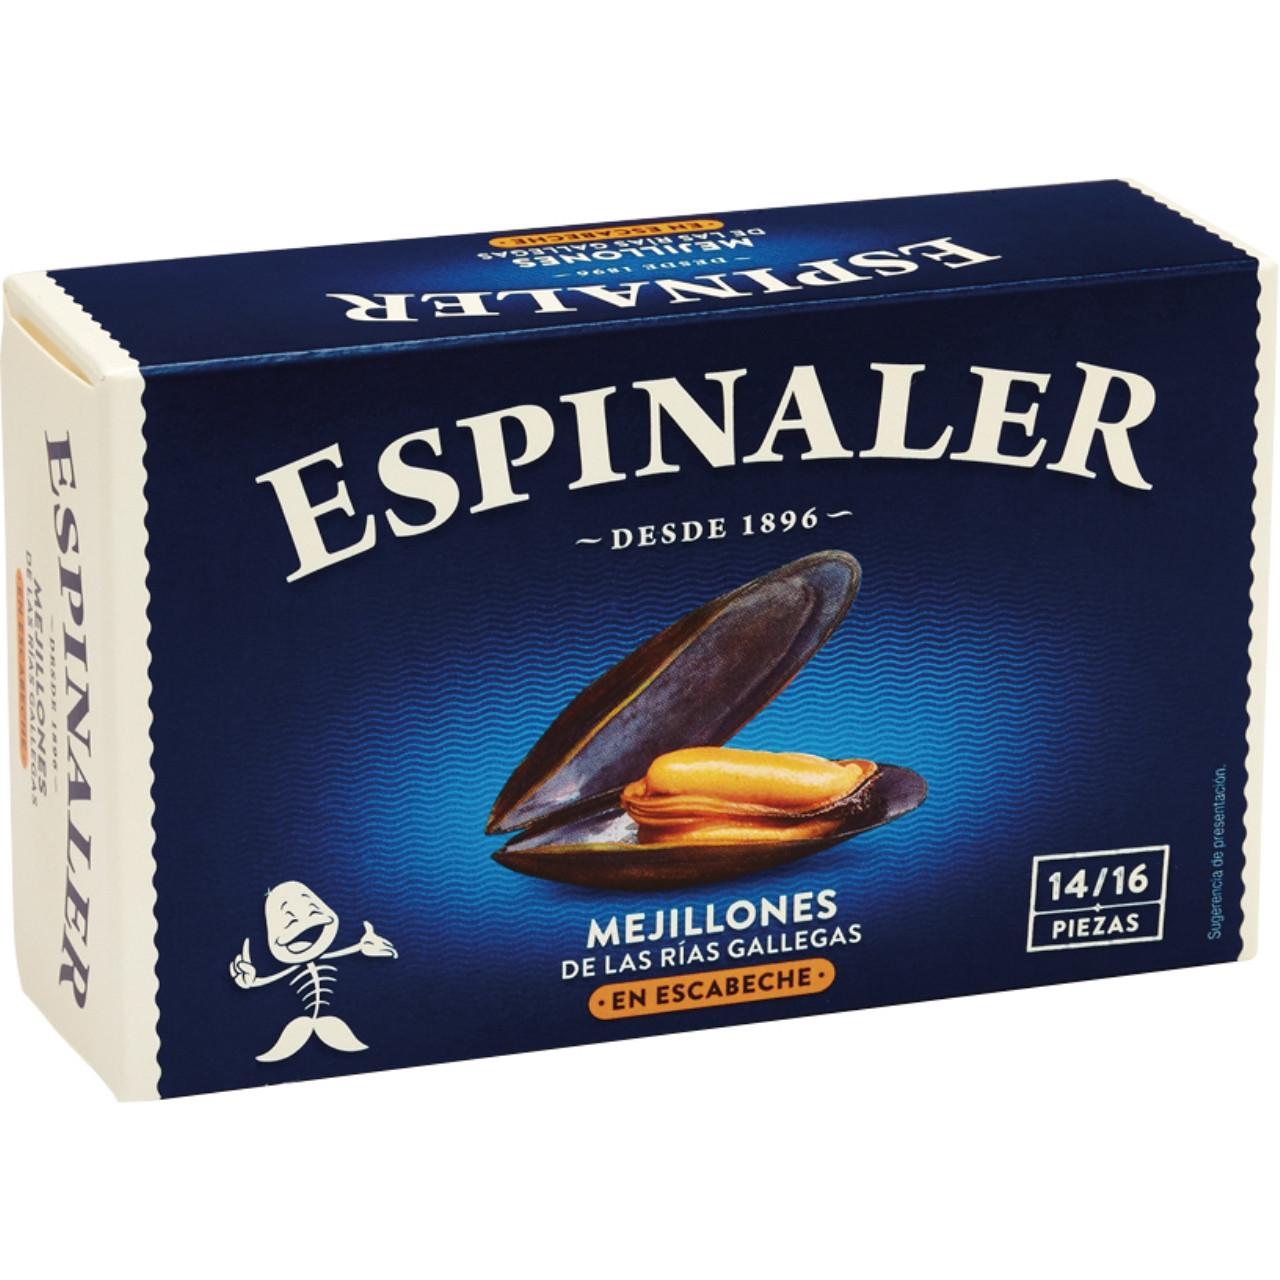 Espinaler-musclos escabetx ol120 14/16